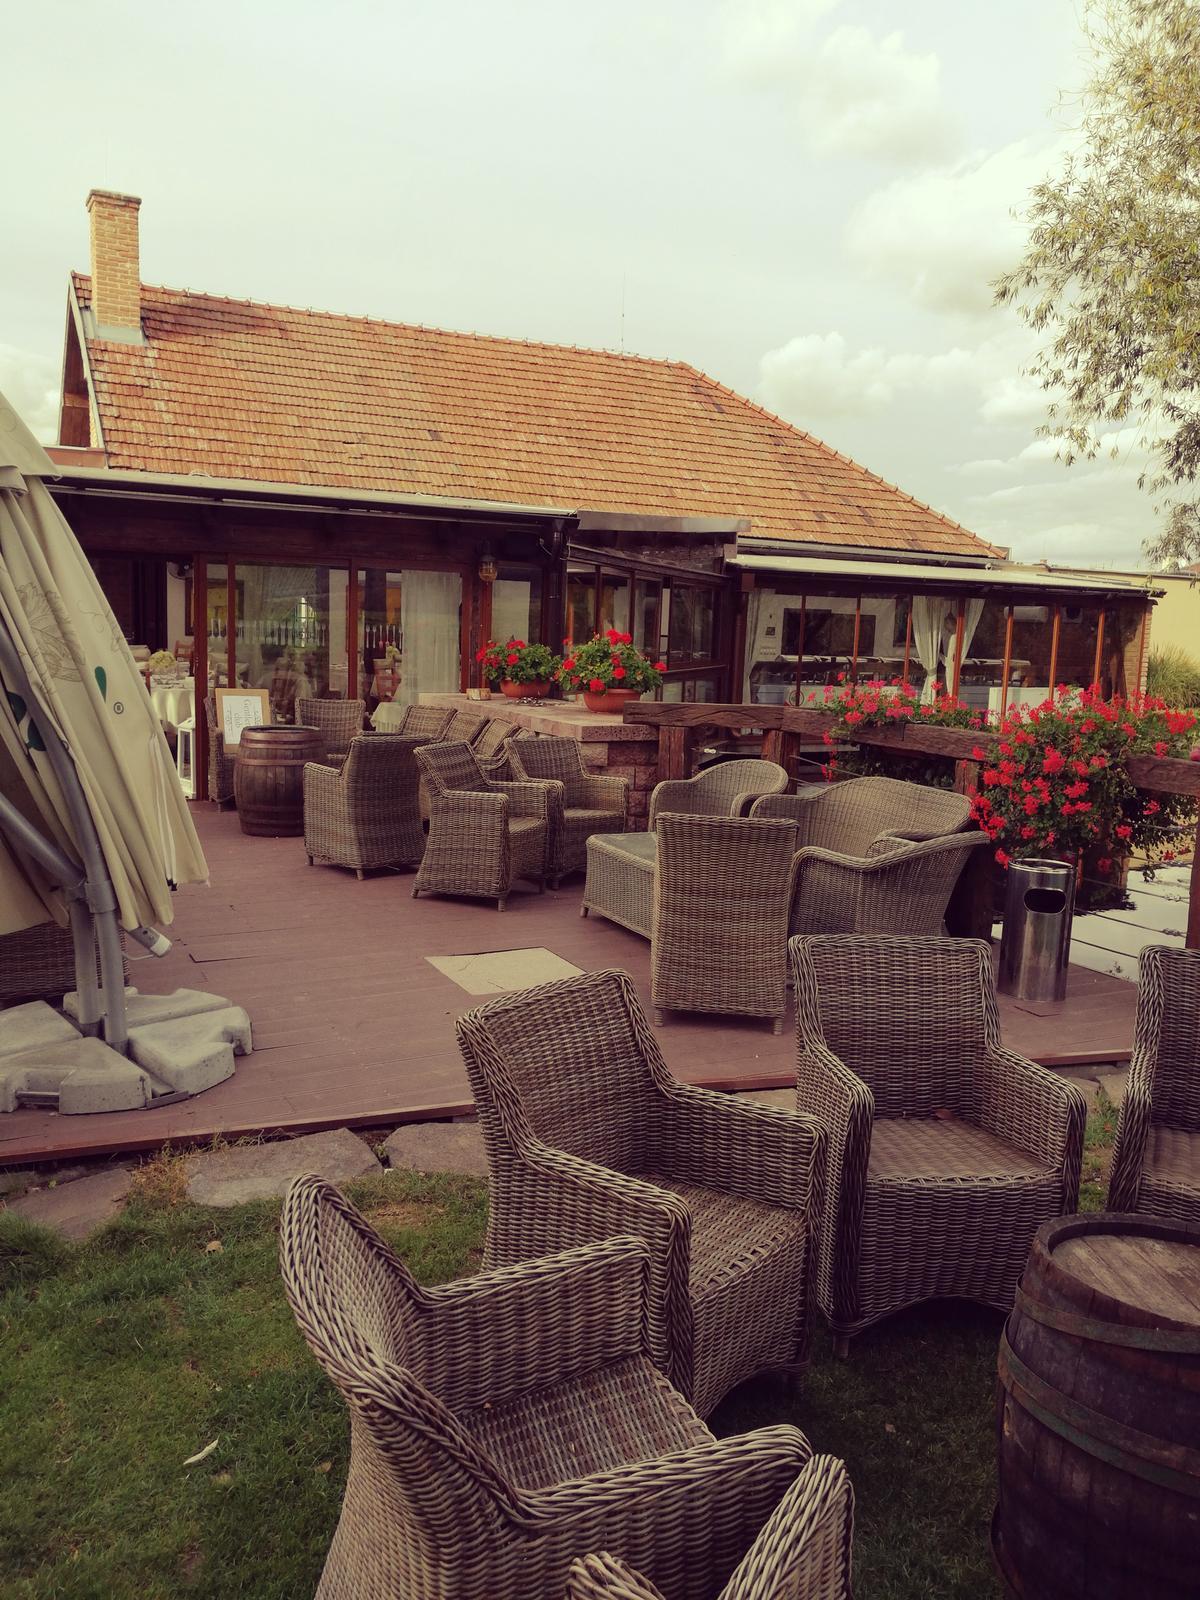 dj_erni - Pálenica Jelšovce - Lucia a Jaro, prekrásne priestory v nádhernej prírode a skvelí svadobčania